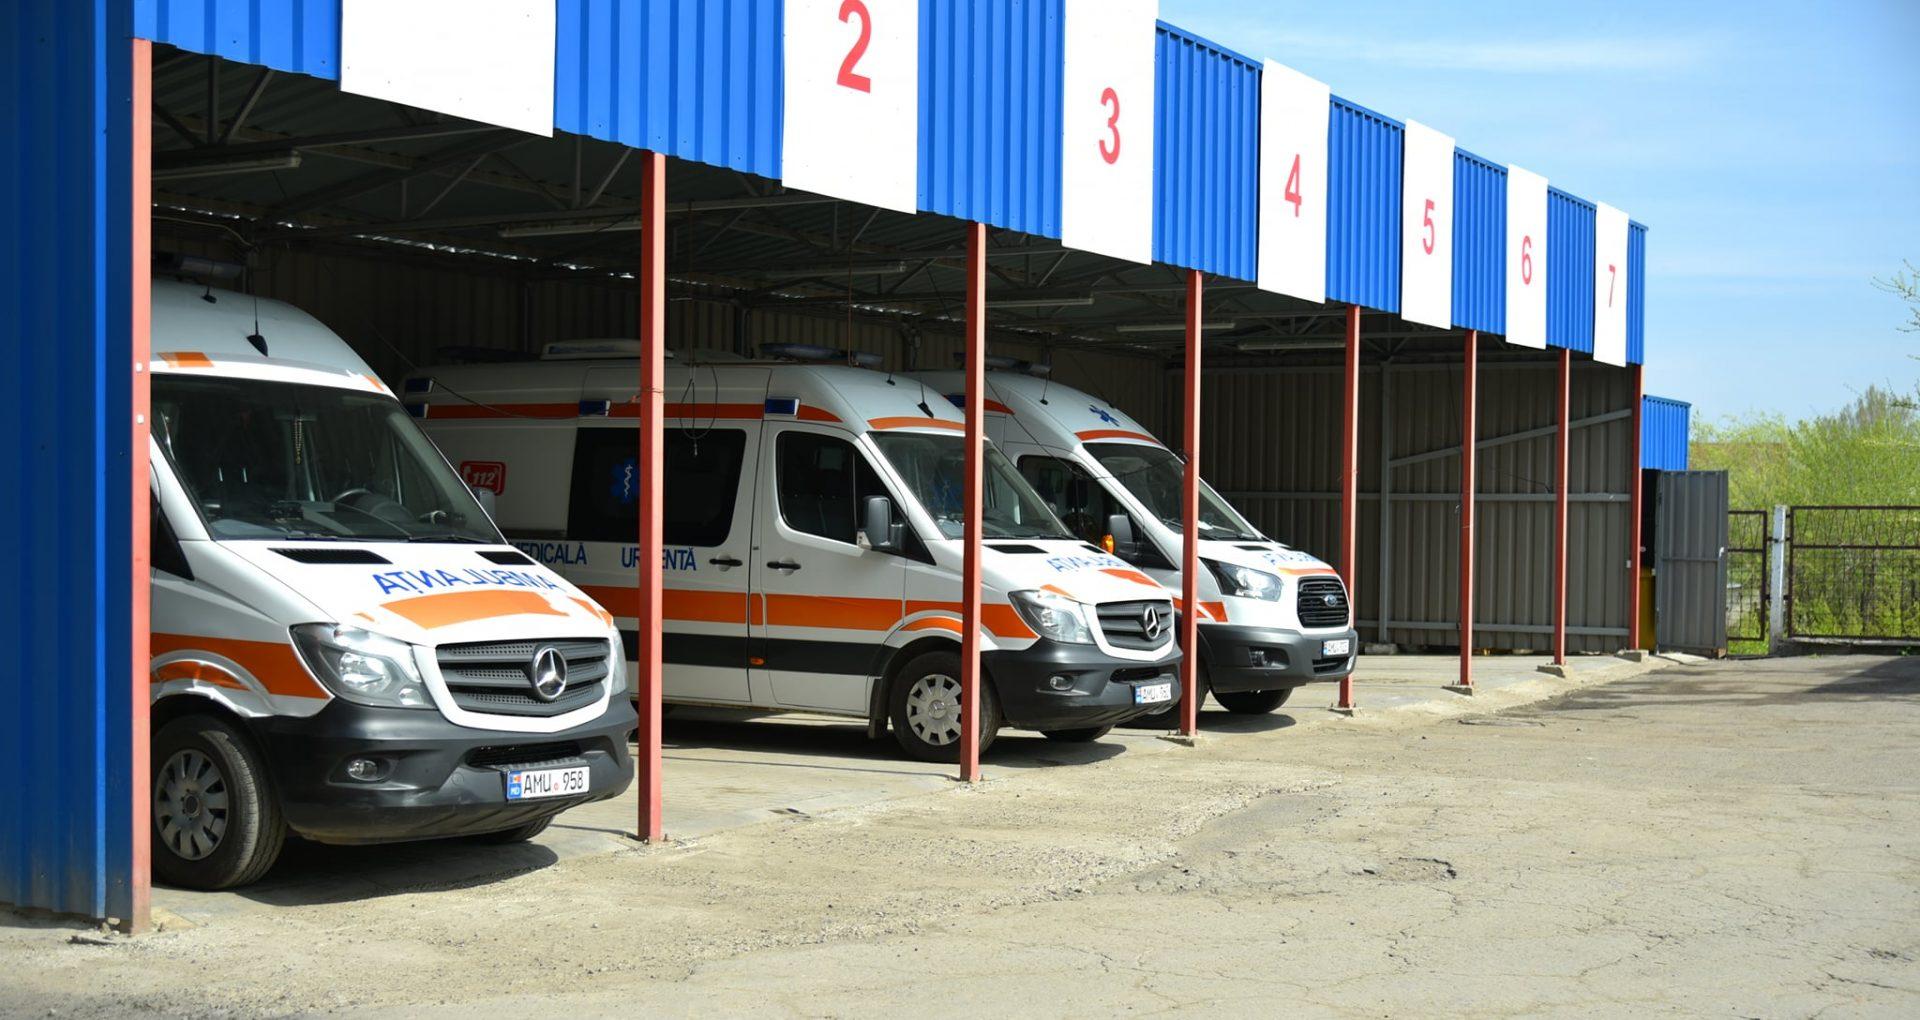 """DOC/ Licitația în valoare de peste 31 de milioane de lei pentru procurarea a 22 de ambulanțe, anulată. Directorul CAPCS: """"câștigătorul nu putea să-și onoreze obligațiunile"""""""